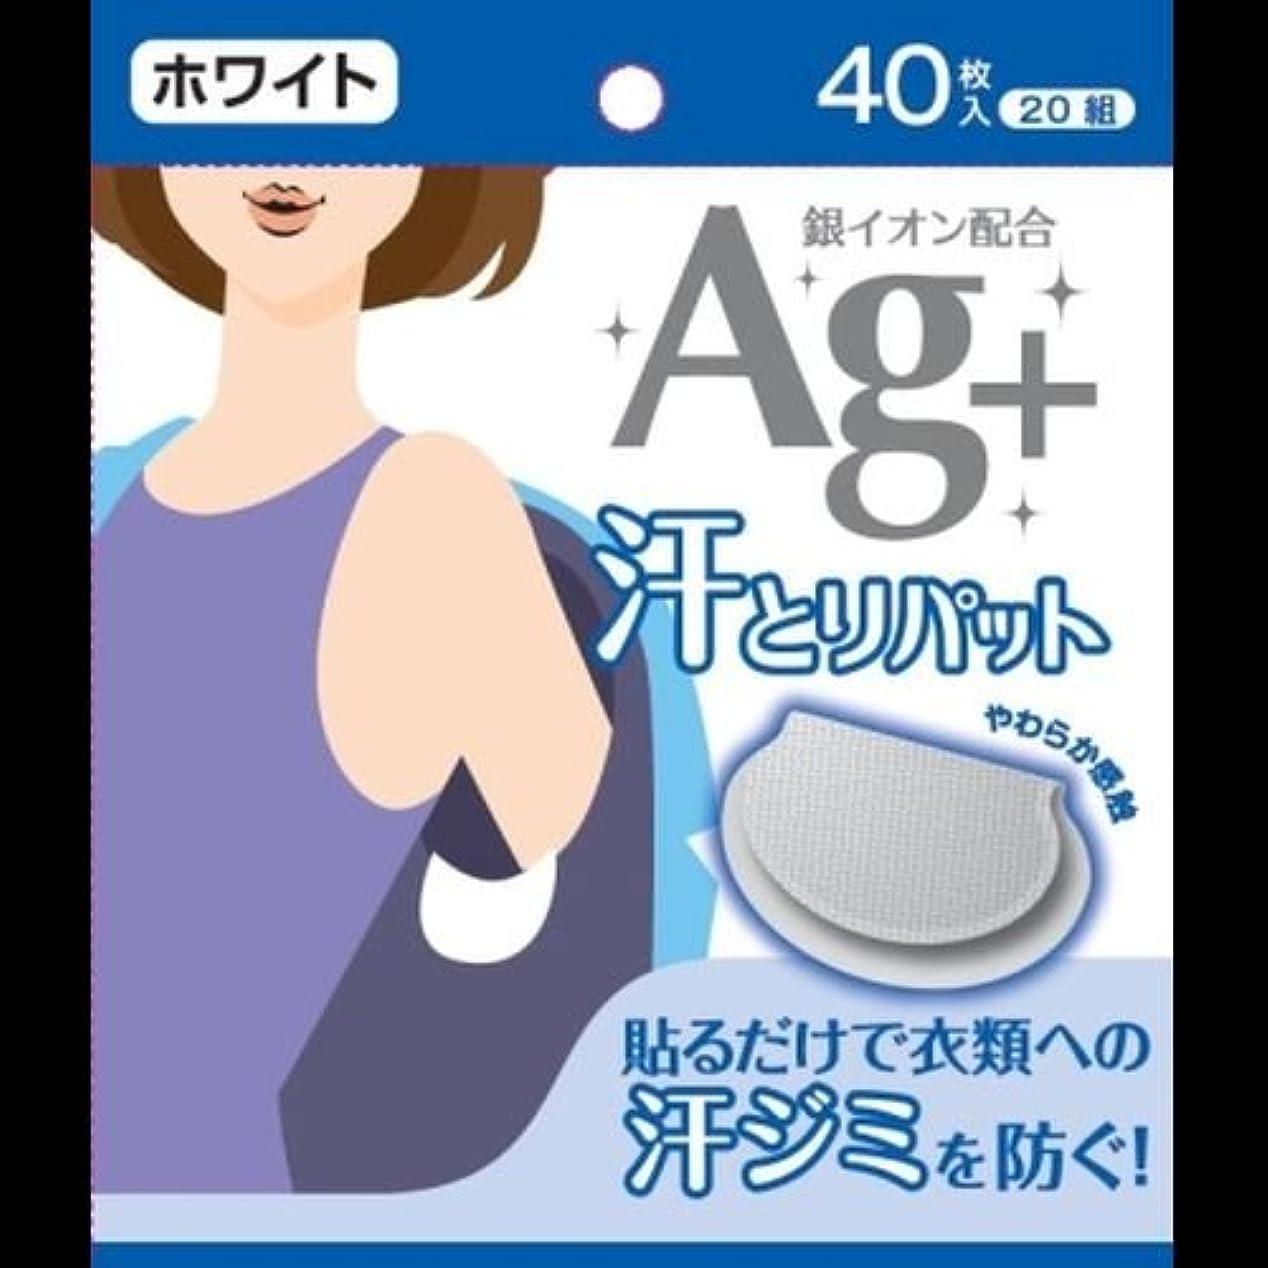 チャンピオン伝統メタルラインAg+汗とりパット ホワイト 40枚入(20組) ×2セット